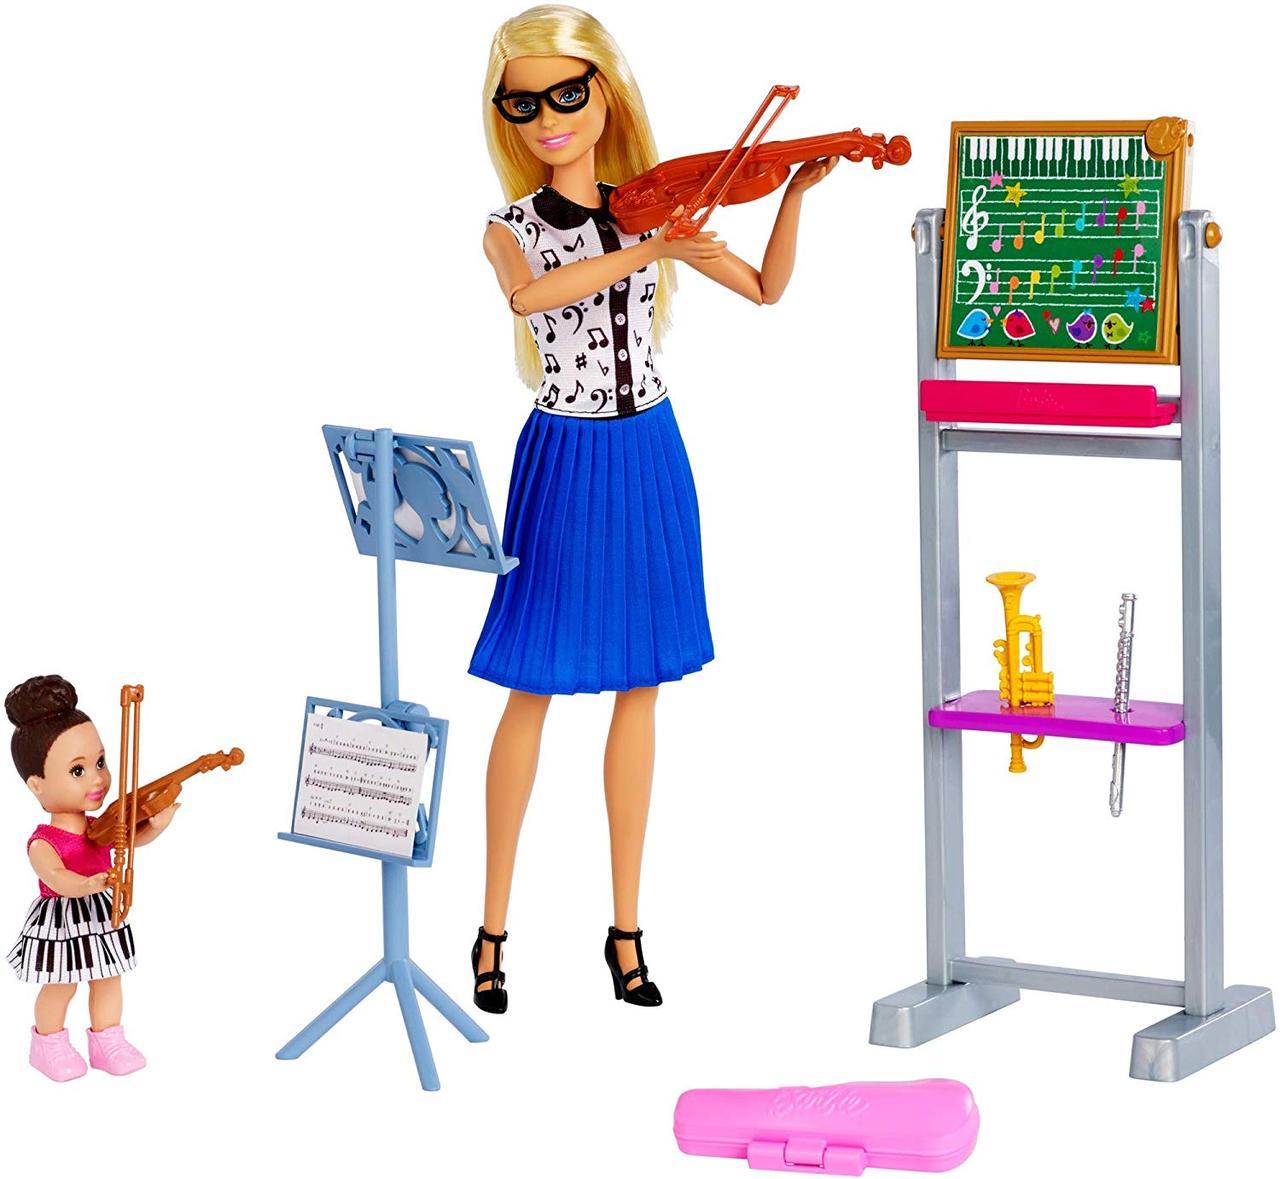 Ігровий набір Лялька Барбі Я можу бути Вчителька музики - Barbie Music Teacher FXP18